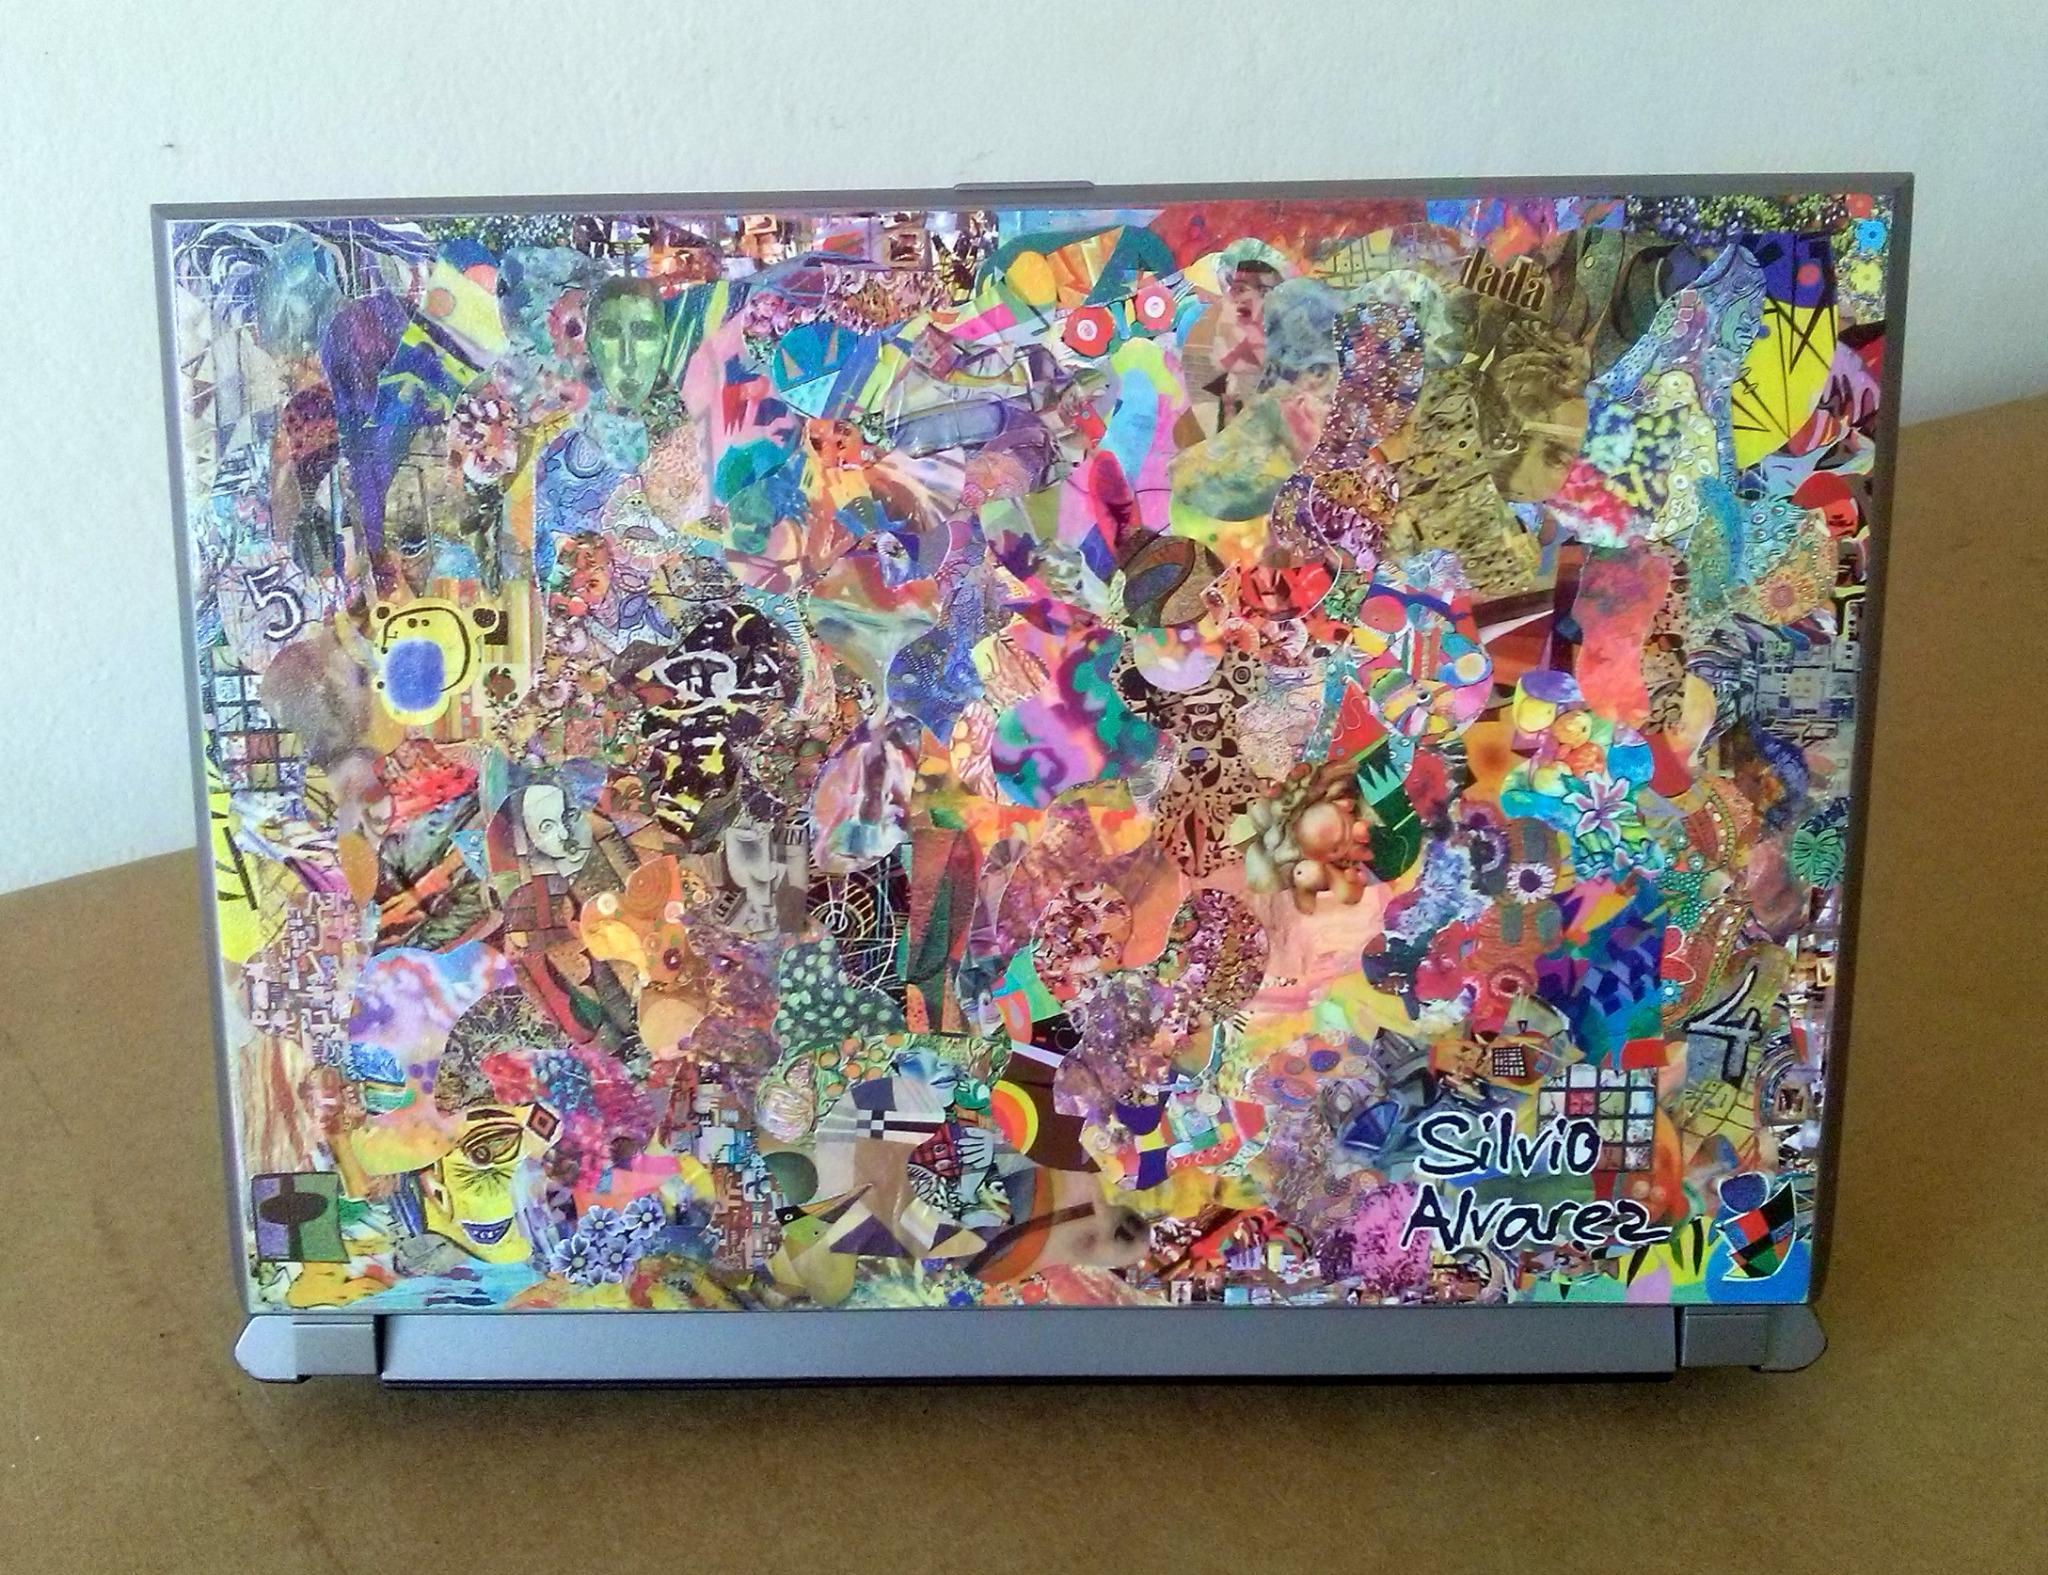 O meu notebook também ganhou roupa nova para 2015 #collage #colagem http://t.co/c6Loa0ulTL